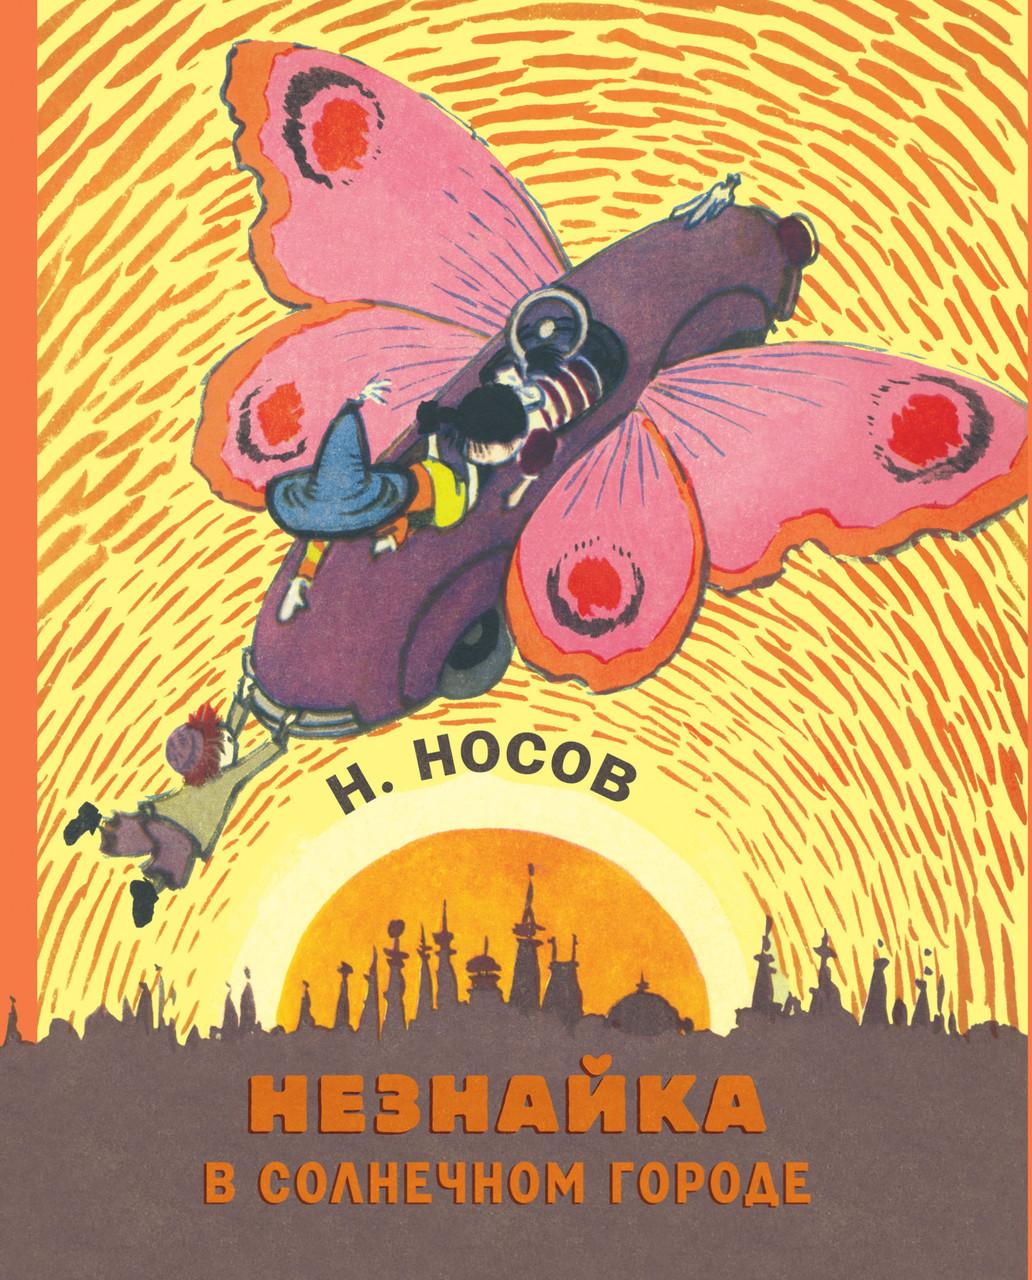 Книга Незнайка в Солнечном городе (художник Алексей Лаптев). Автор - Николай Носов (Махаон)(2017)